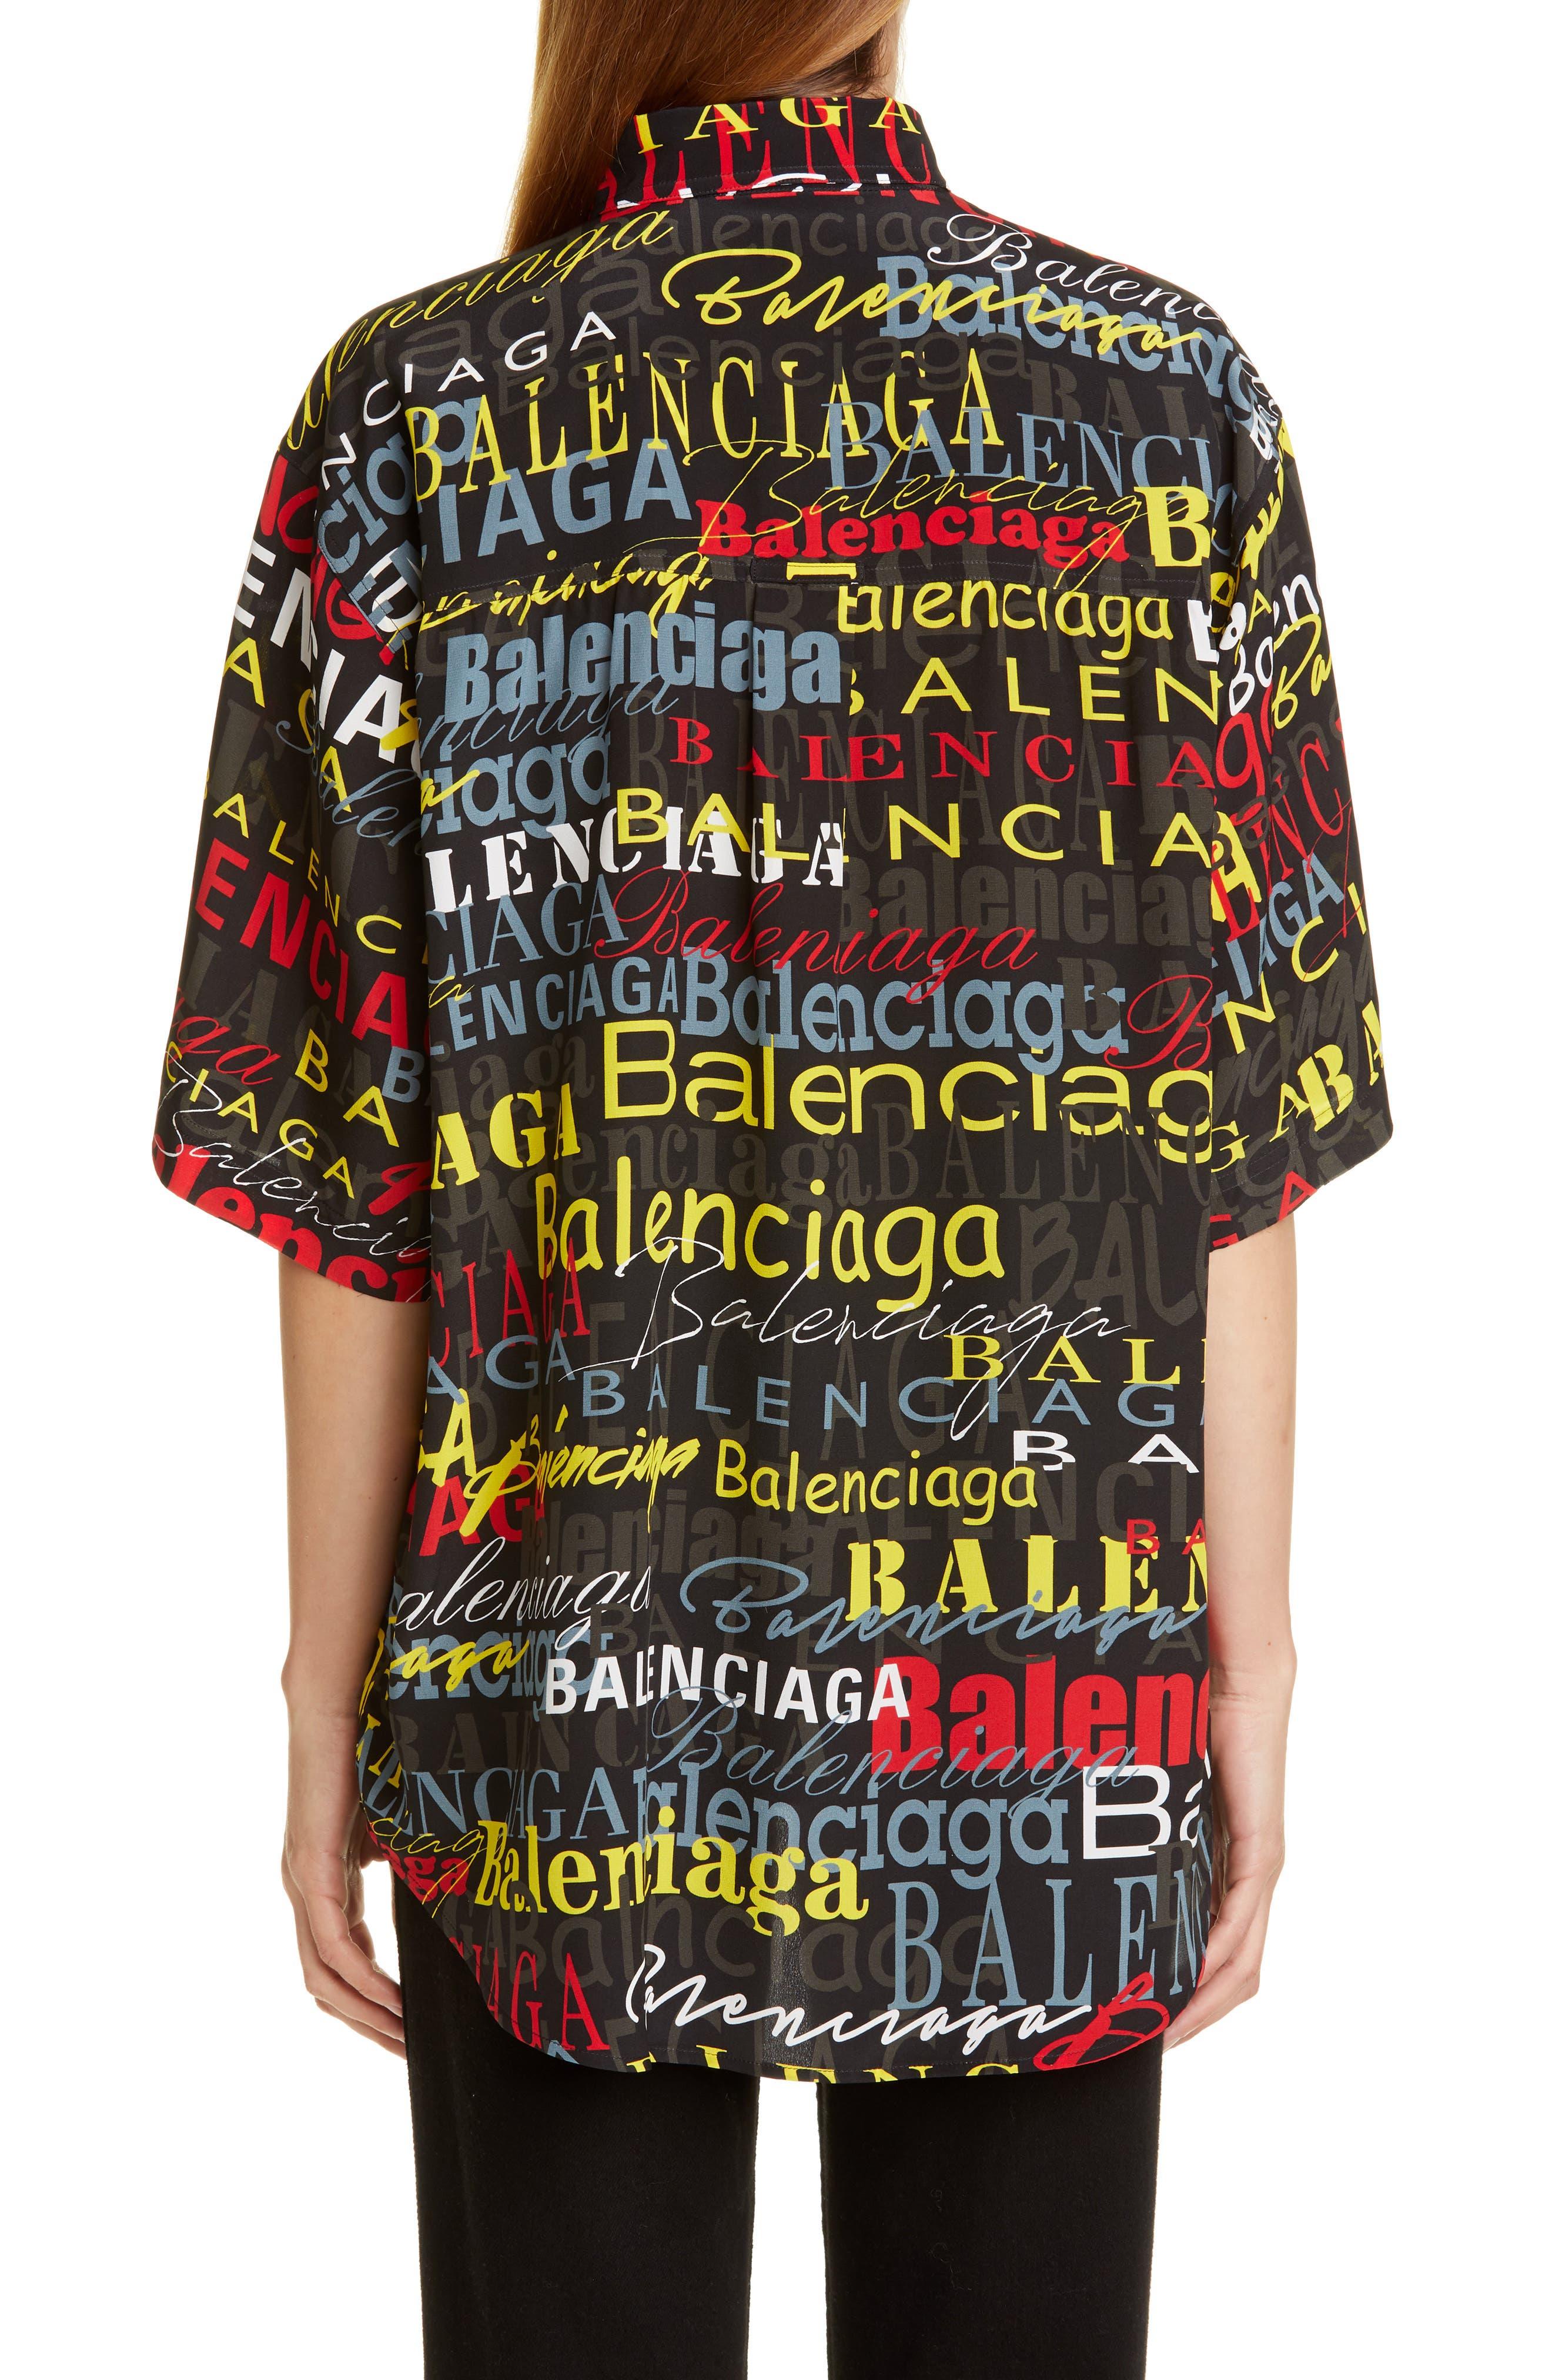 a30f0e98d68 Blouses Balenciaga